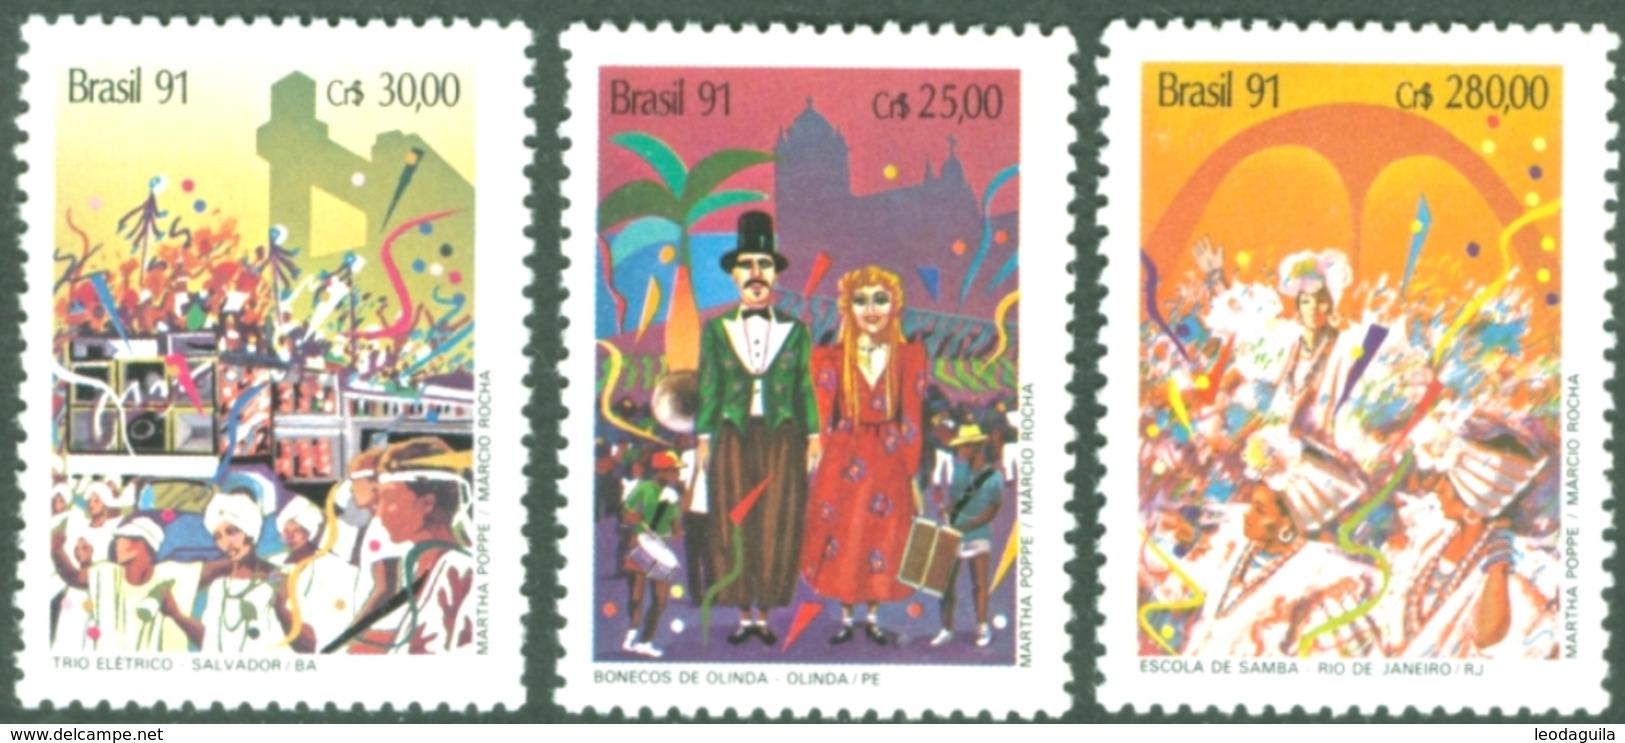 BRAZIL #2301-3   CARNAVAL  ( MARDI GRAS ) 3v -  1991   MINT - Brazil